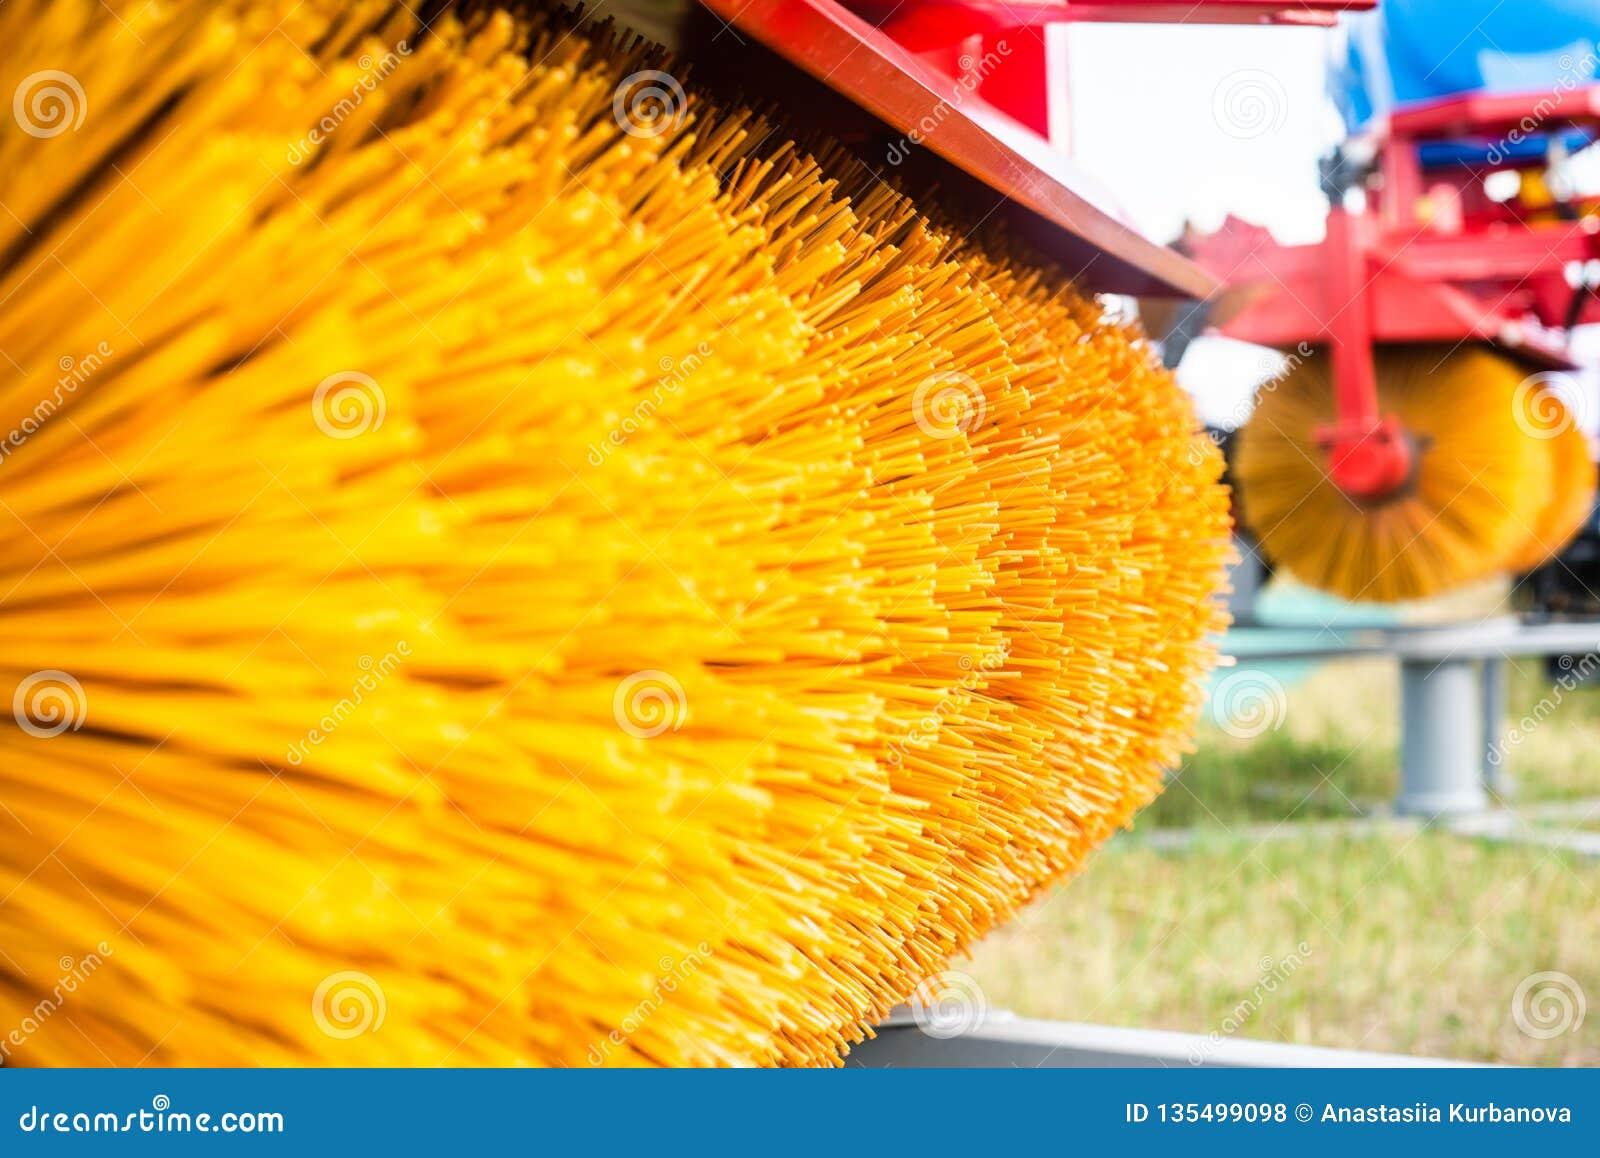 Un toldo en un tractor con un cepillo giratorio despeja la nieve de los caminos, pila amarilla